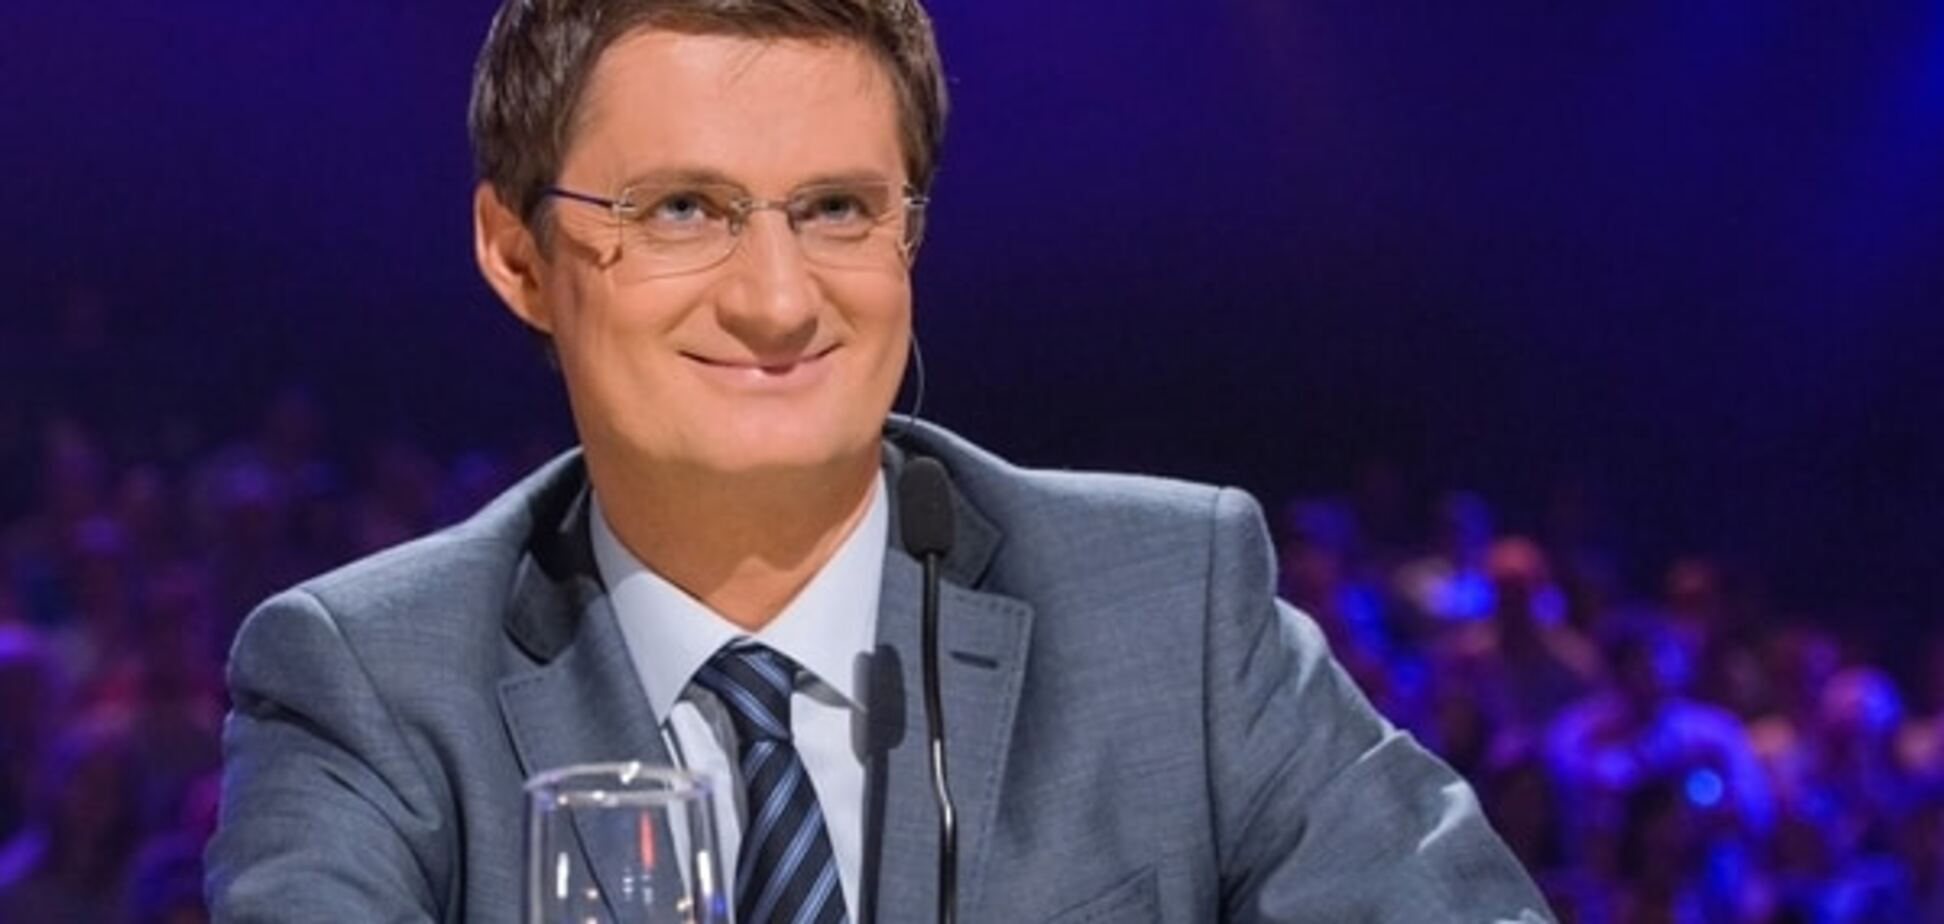 Игорь Кондратюк рассказал о взятках на проекте 'Х-фактор'